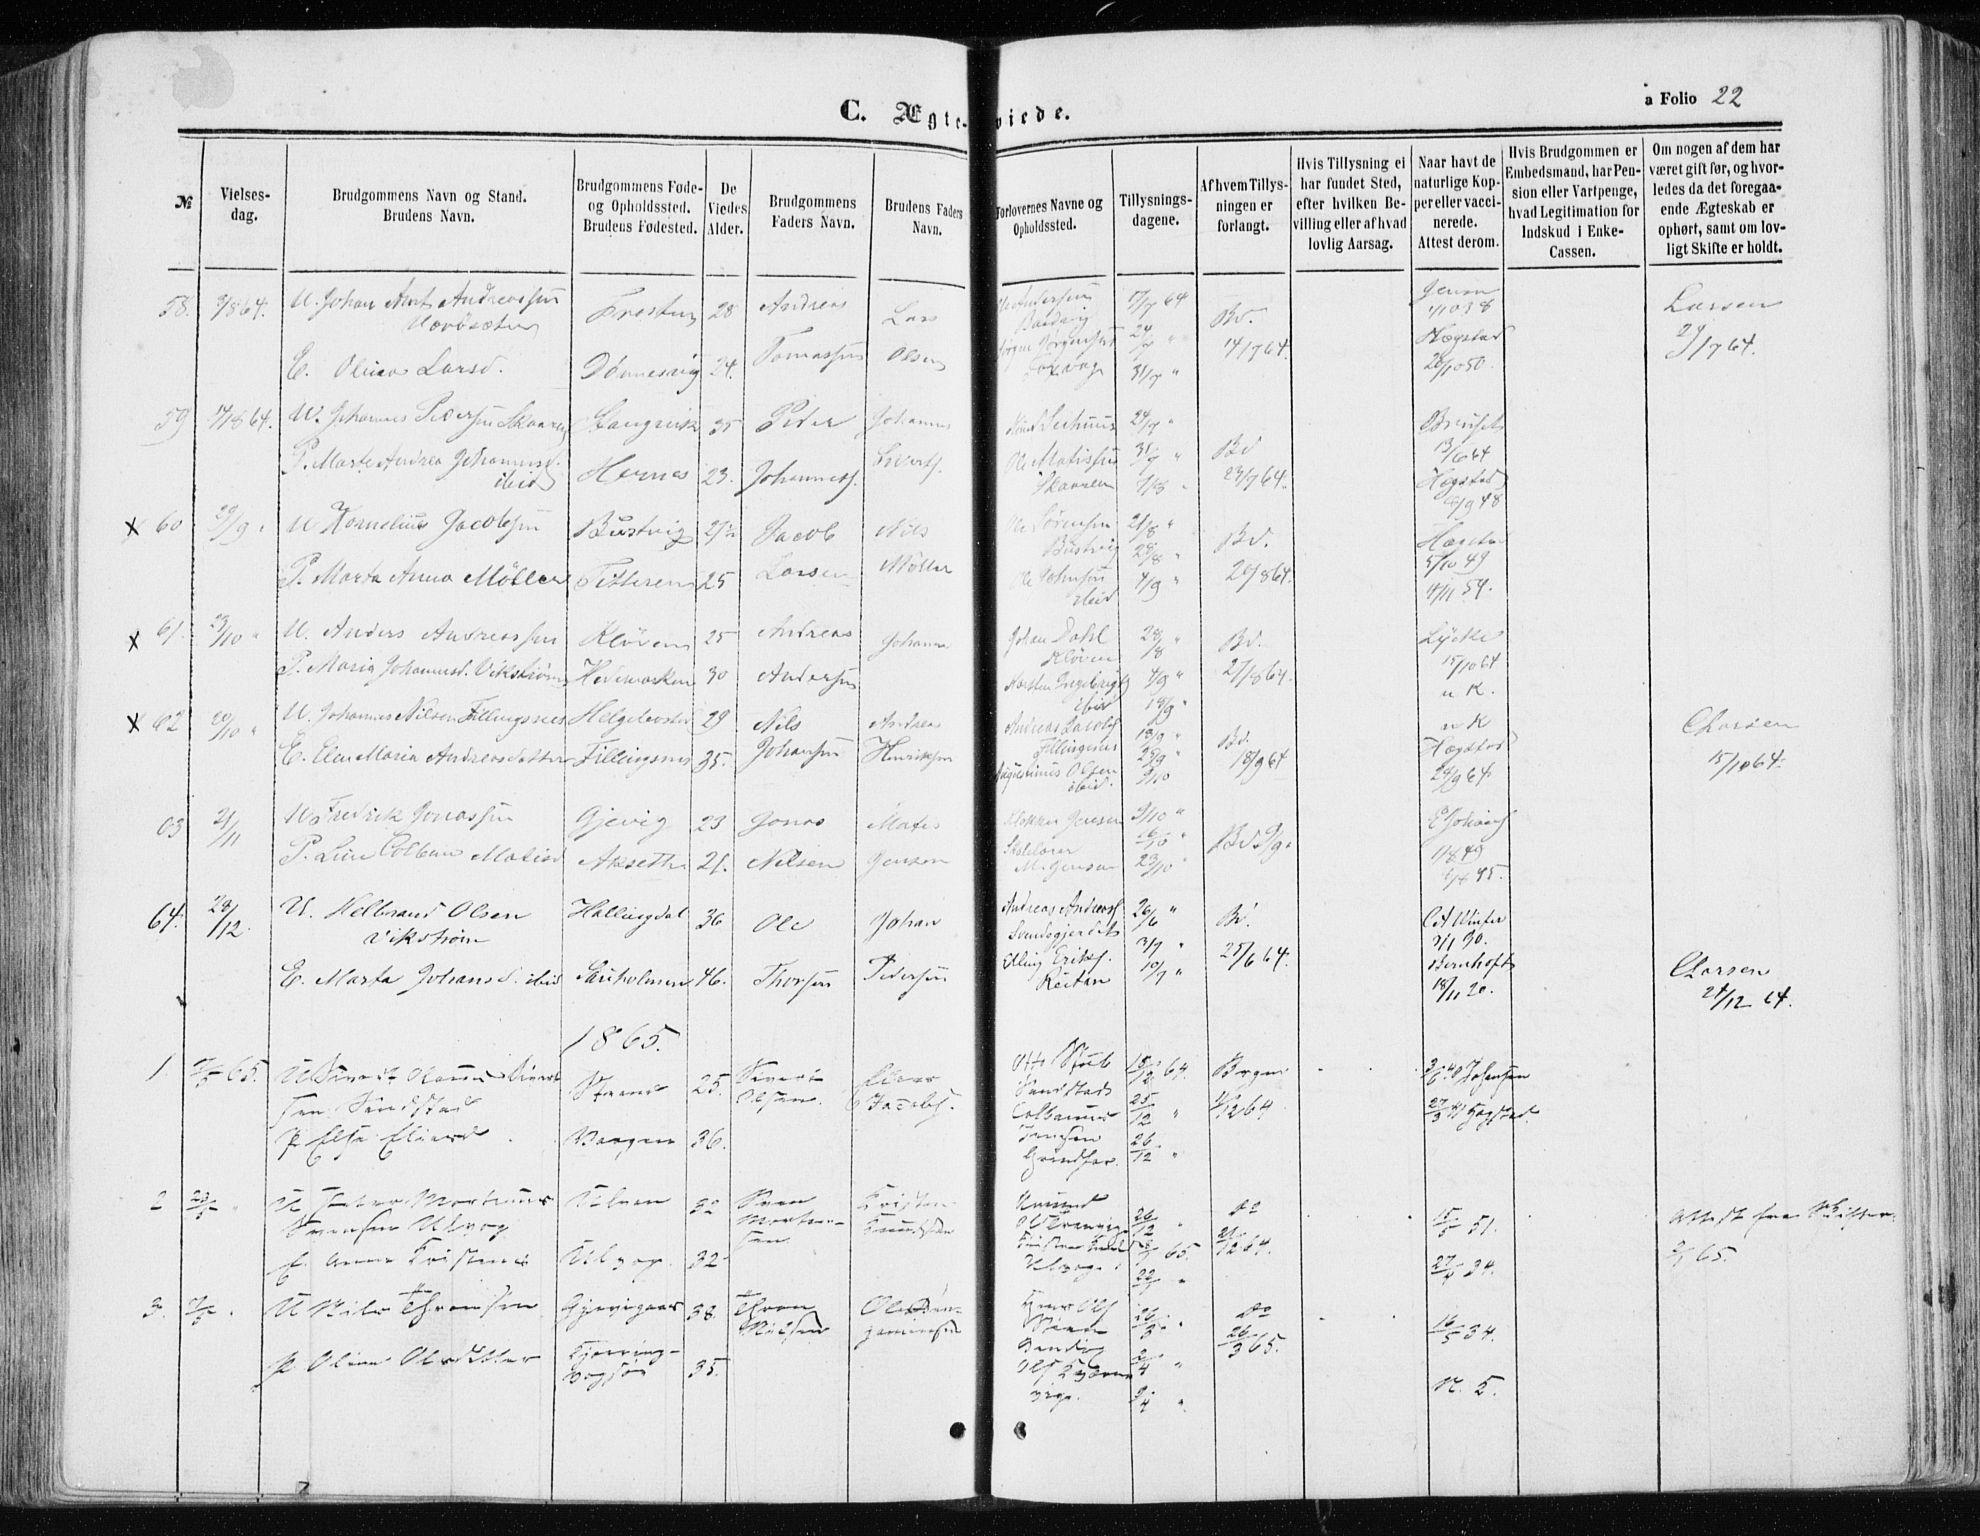 SAT, Ministerialprotokoller, klokkerbøker og fødselsregistre - Sør-Trøndelag, 634/L0531: Ministerialbok nr. 634A07, 1861-1870, s. 22